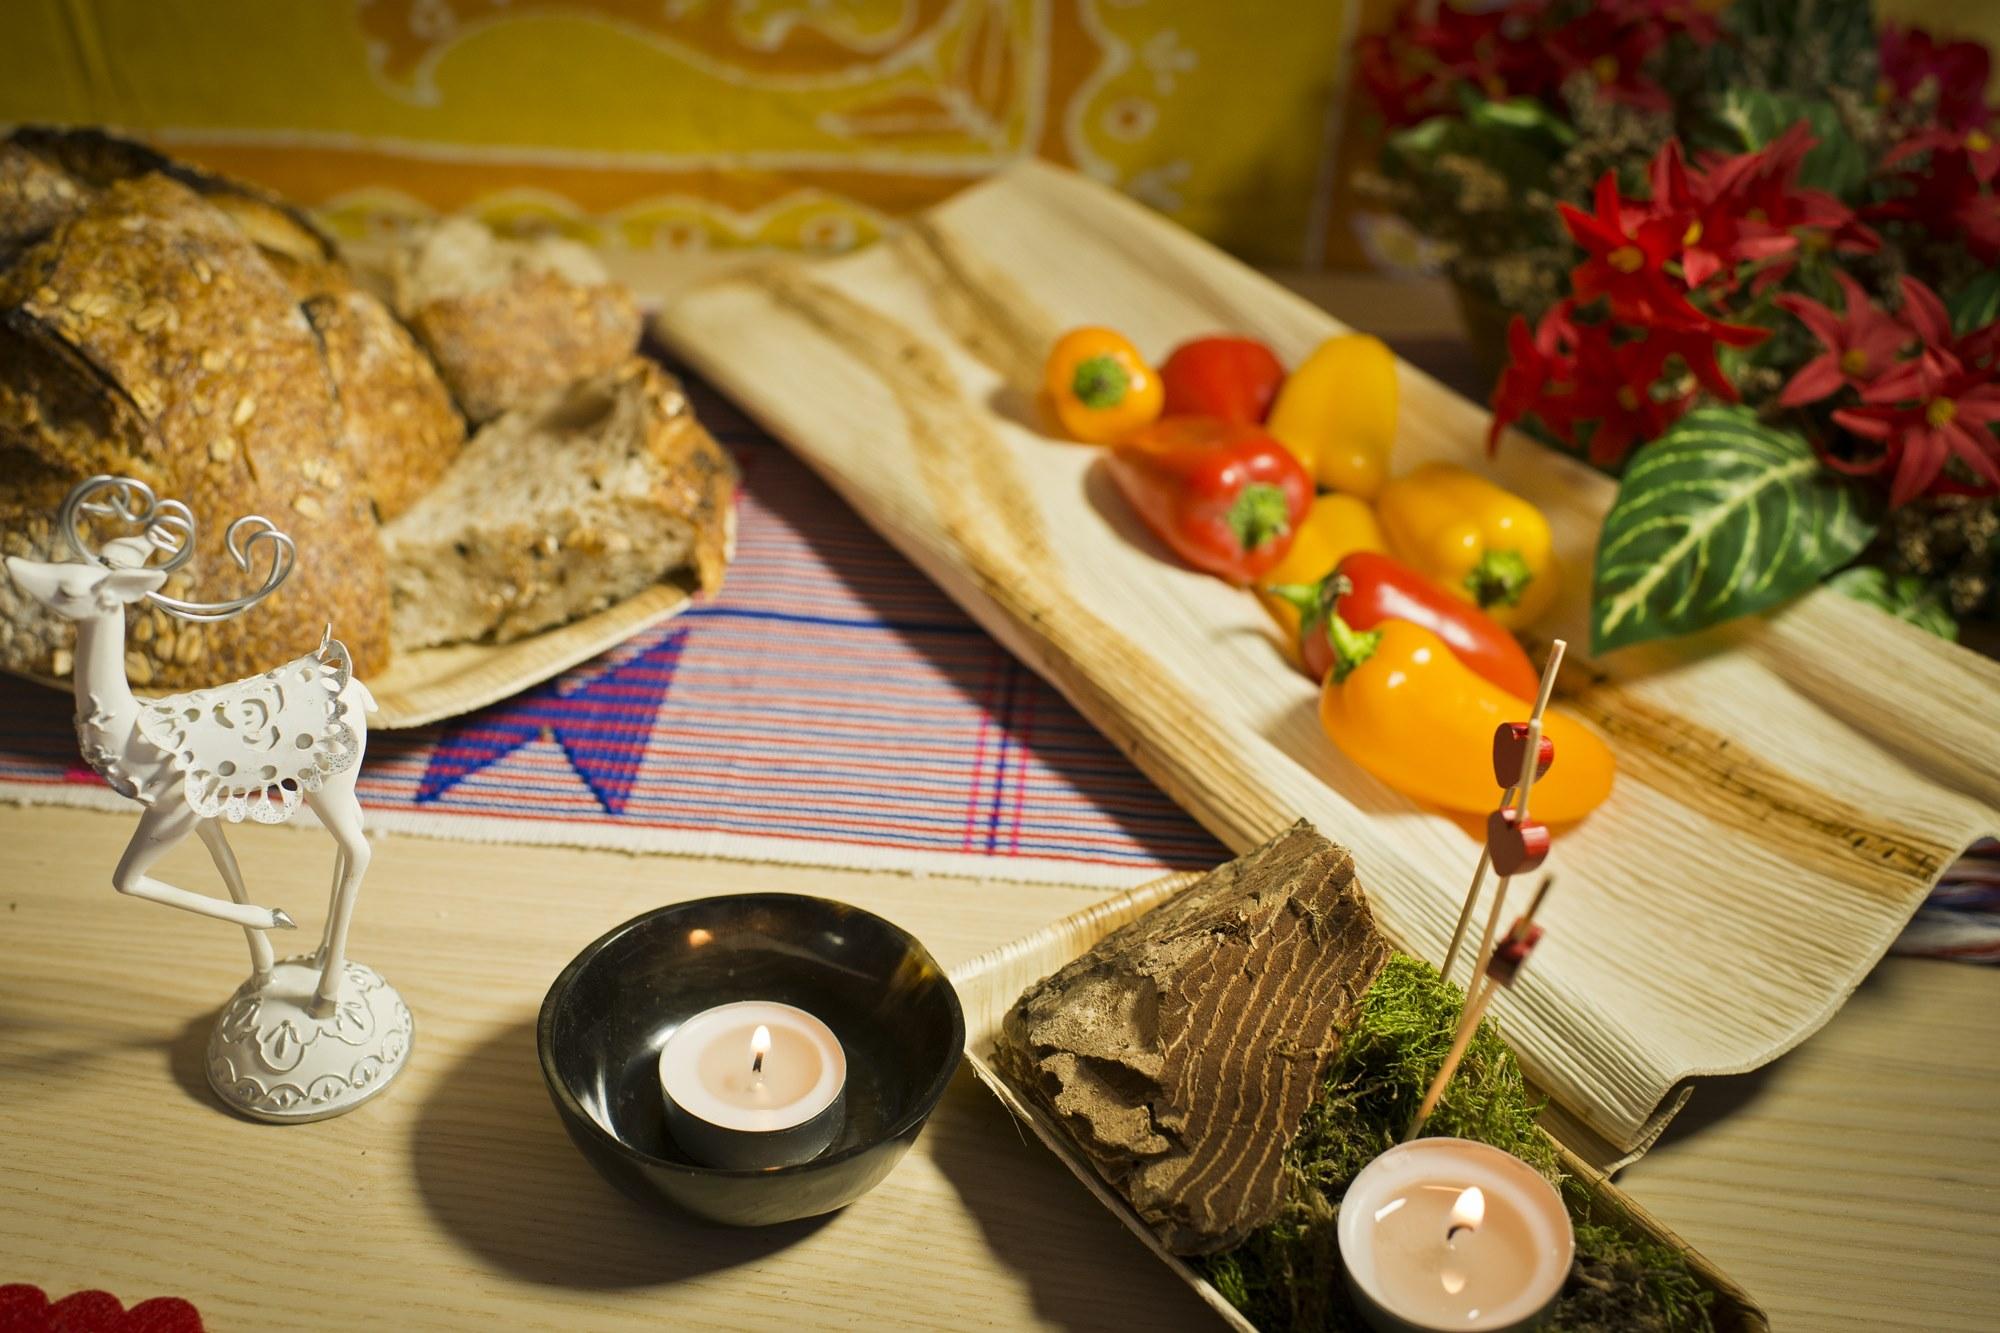 Según qué hortaliza se use, puede dar un alegre color a la mesa.